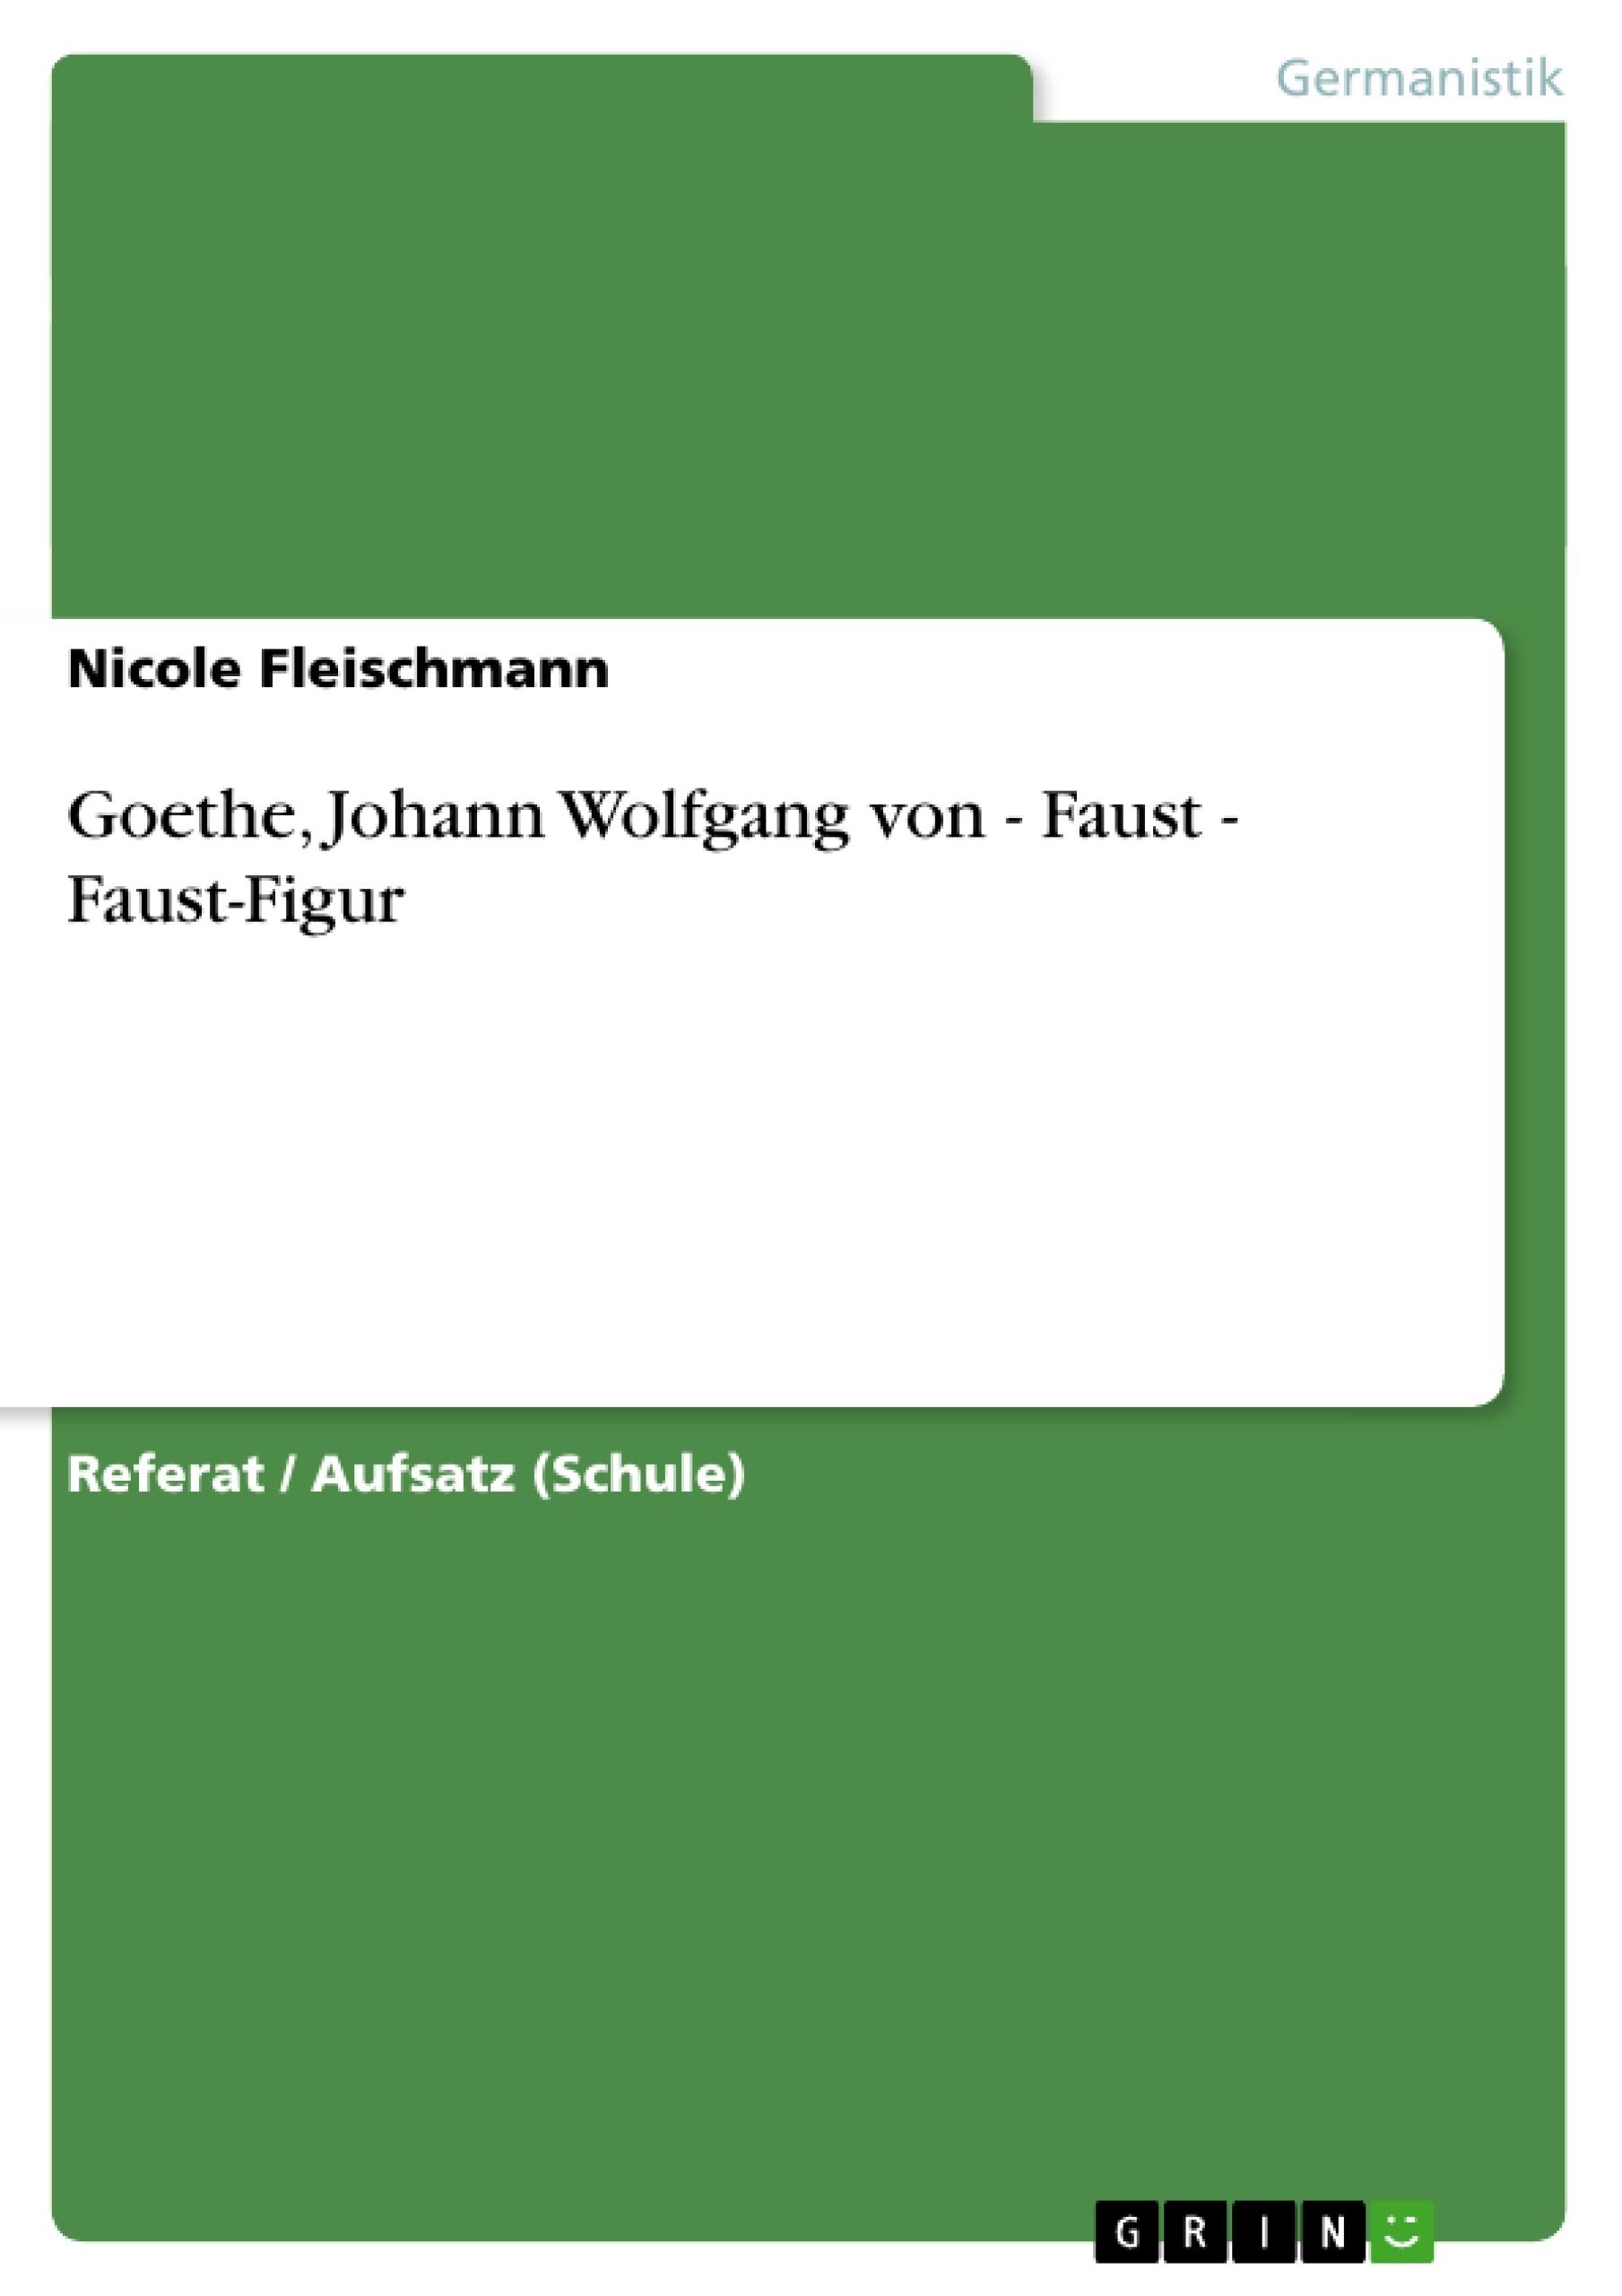 Titel: Goethe, Johann Wolfgang von - Faust - Faust-Figur